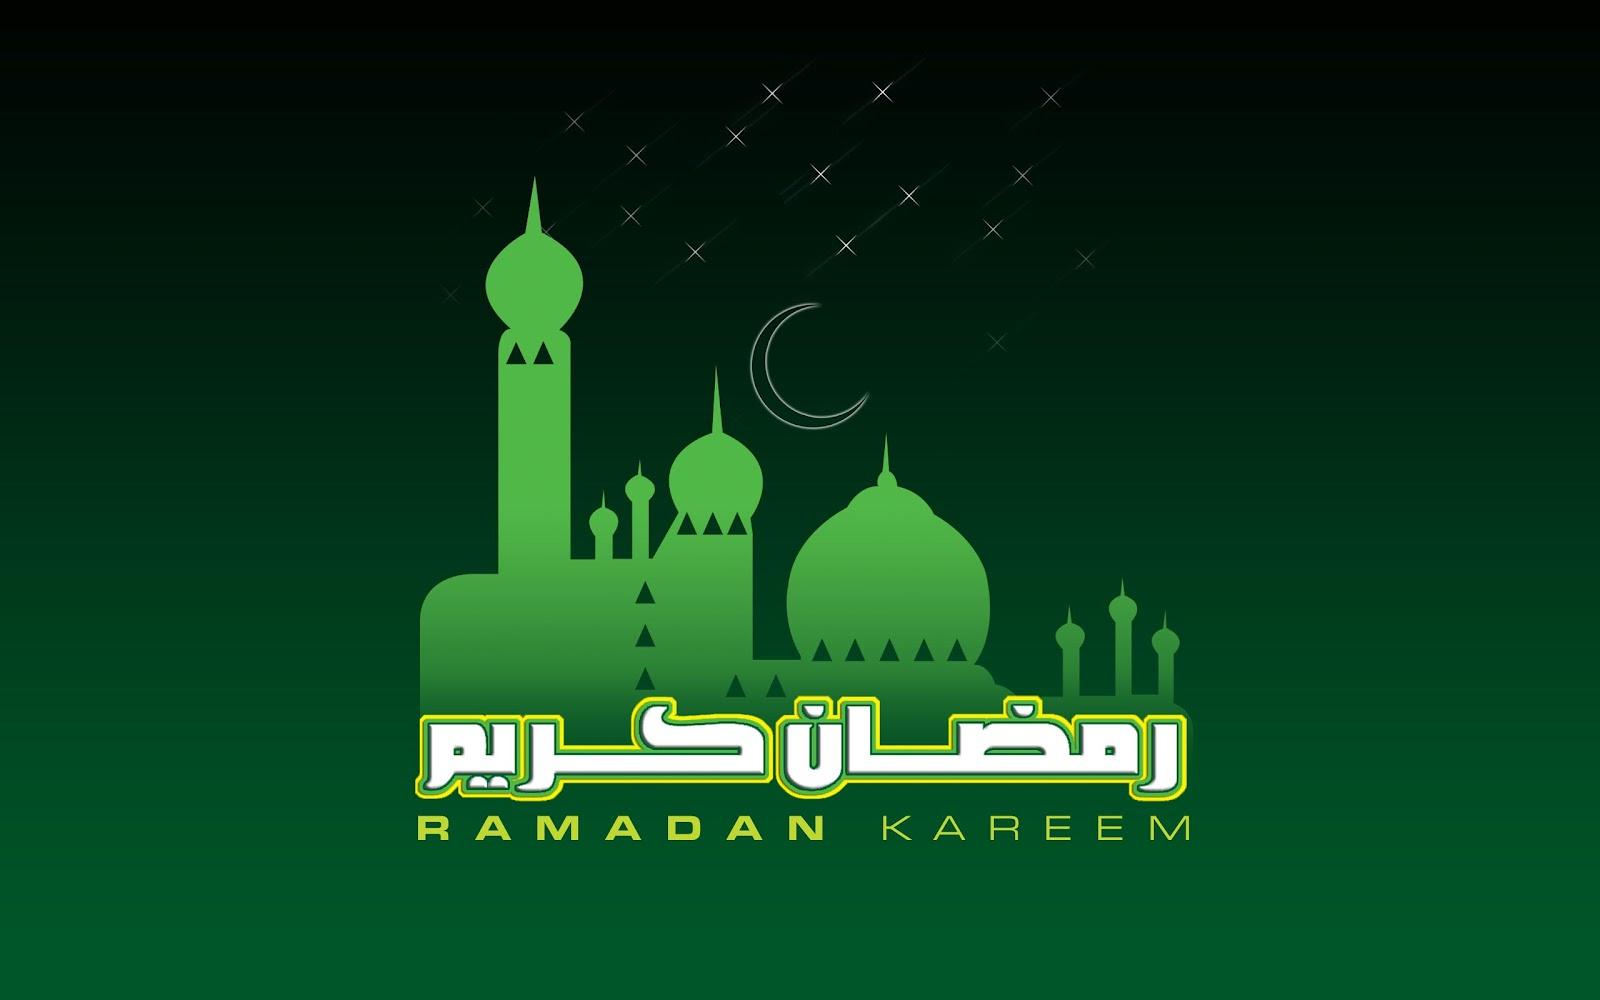 http://1.bp.blogspot.com/-gcBFdQg--BE/T_17jsmKhlI/AAAAAAAABF0/yaxNRHmHBpU/s1600/Ramadan-Kareem-Wallpaper.jpg